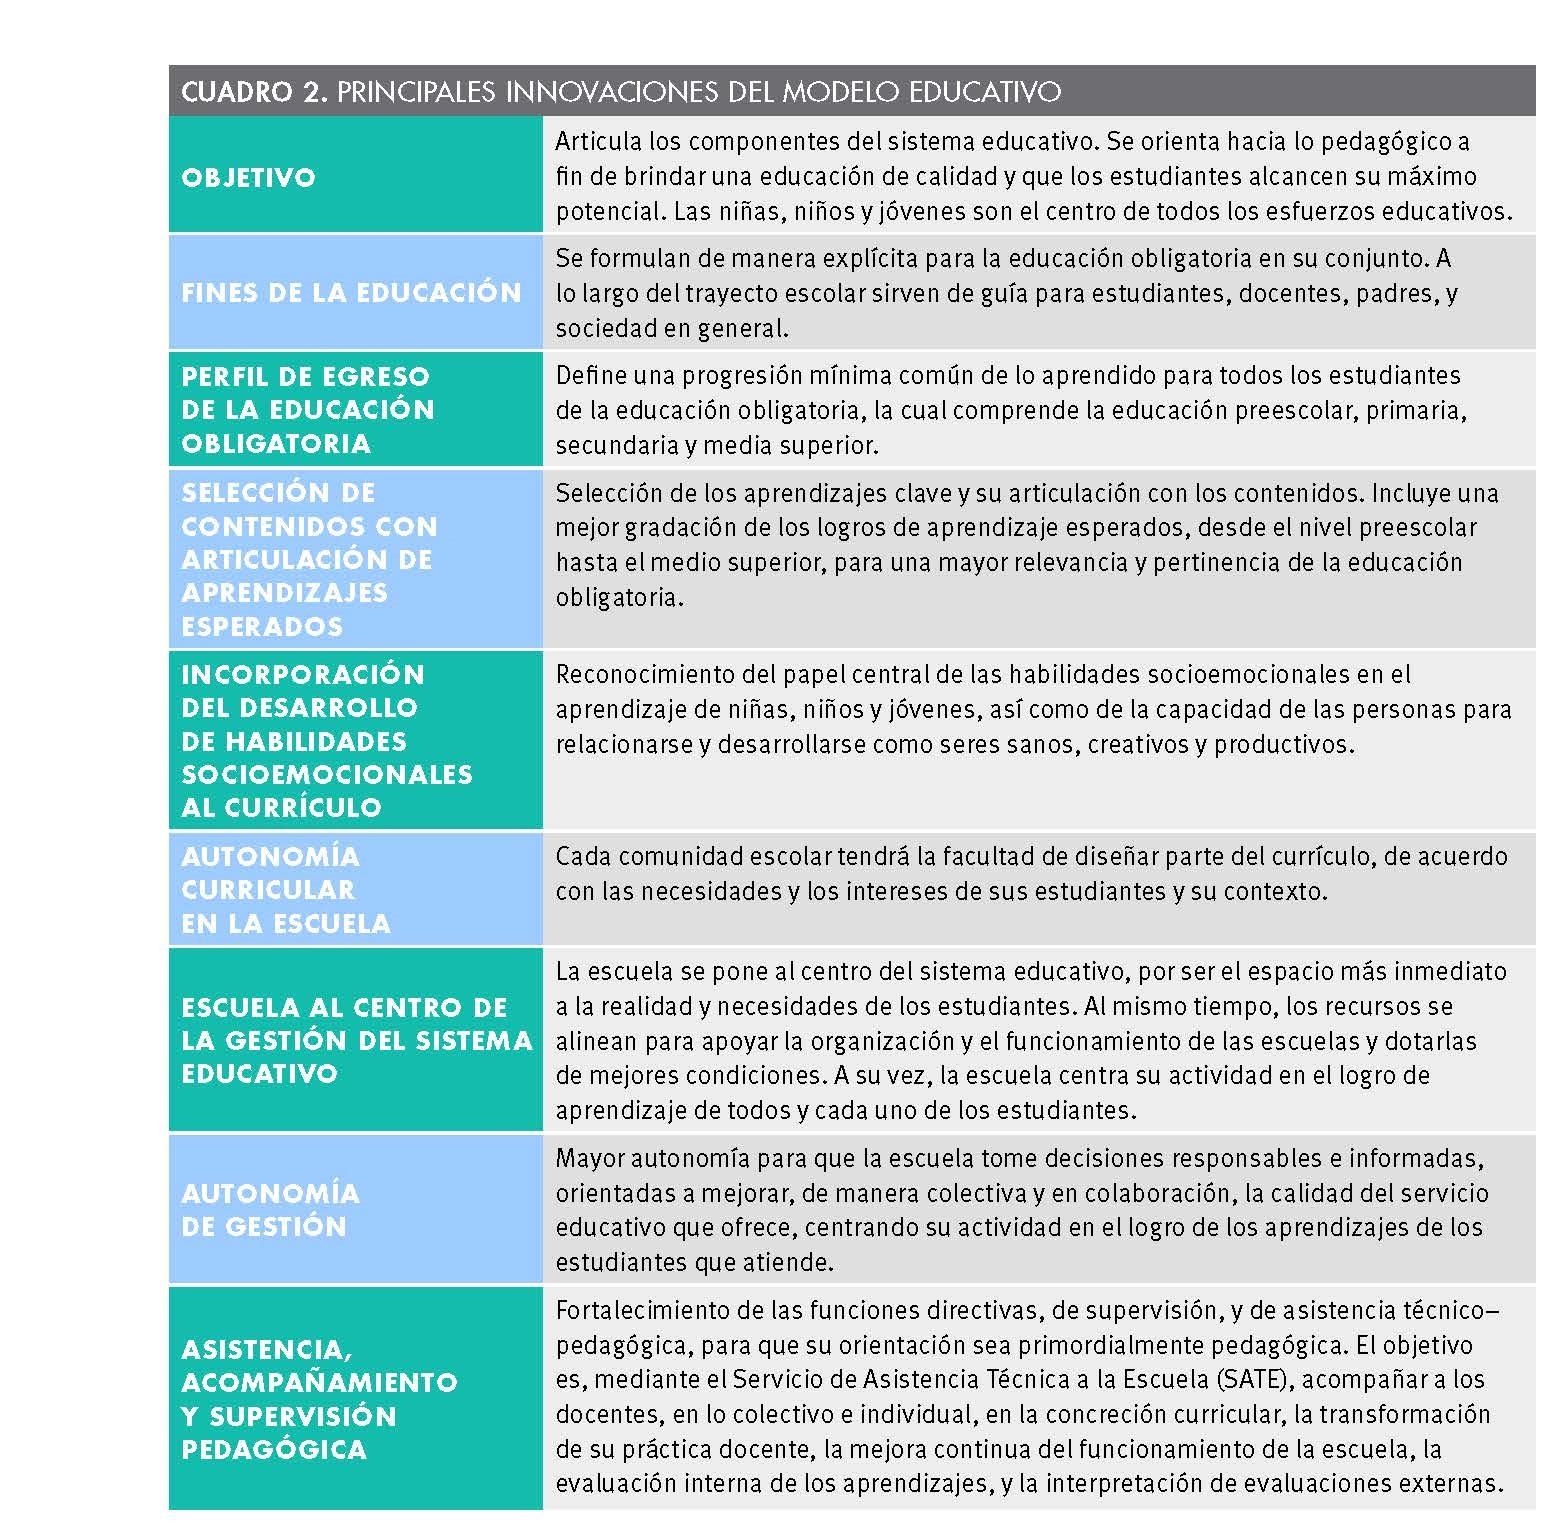 Cuadro de las principales innovaciones del Modelo Educativo (2017 ...